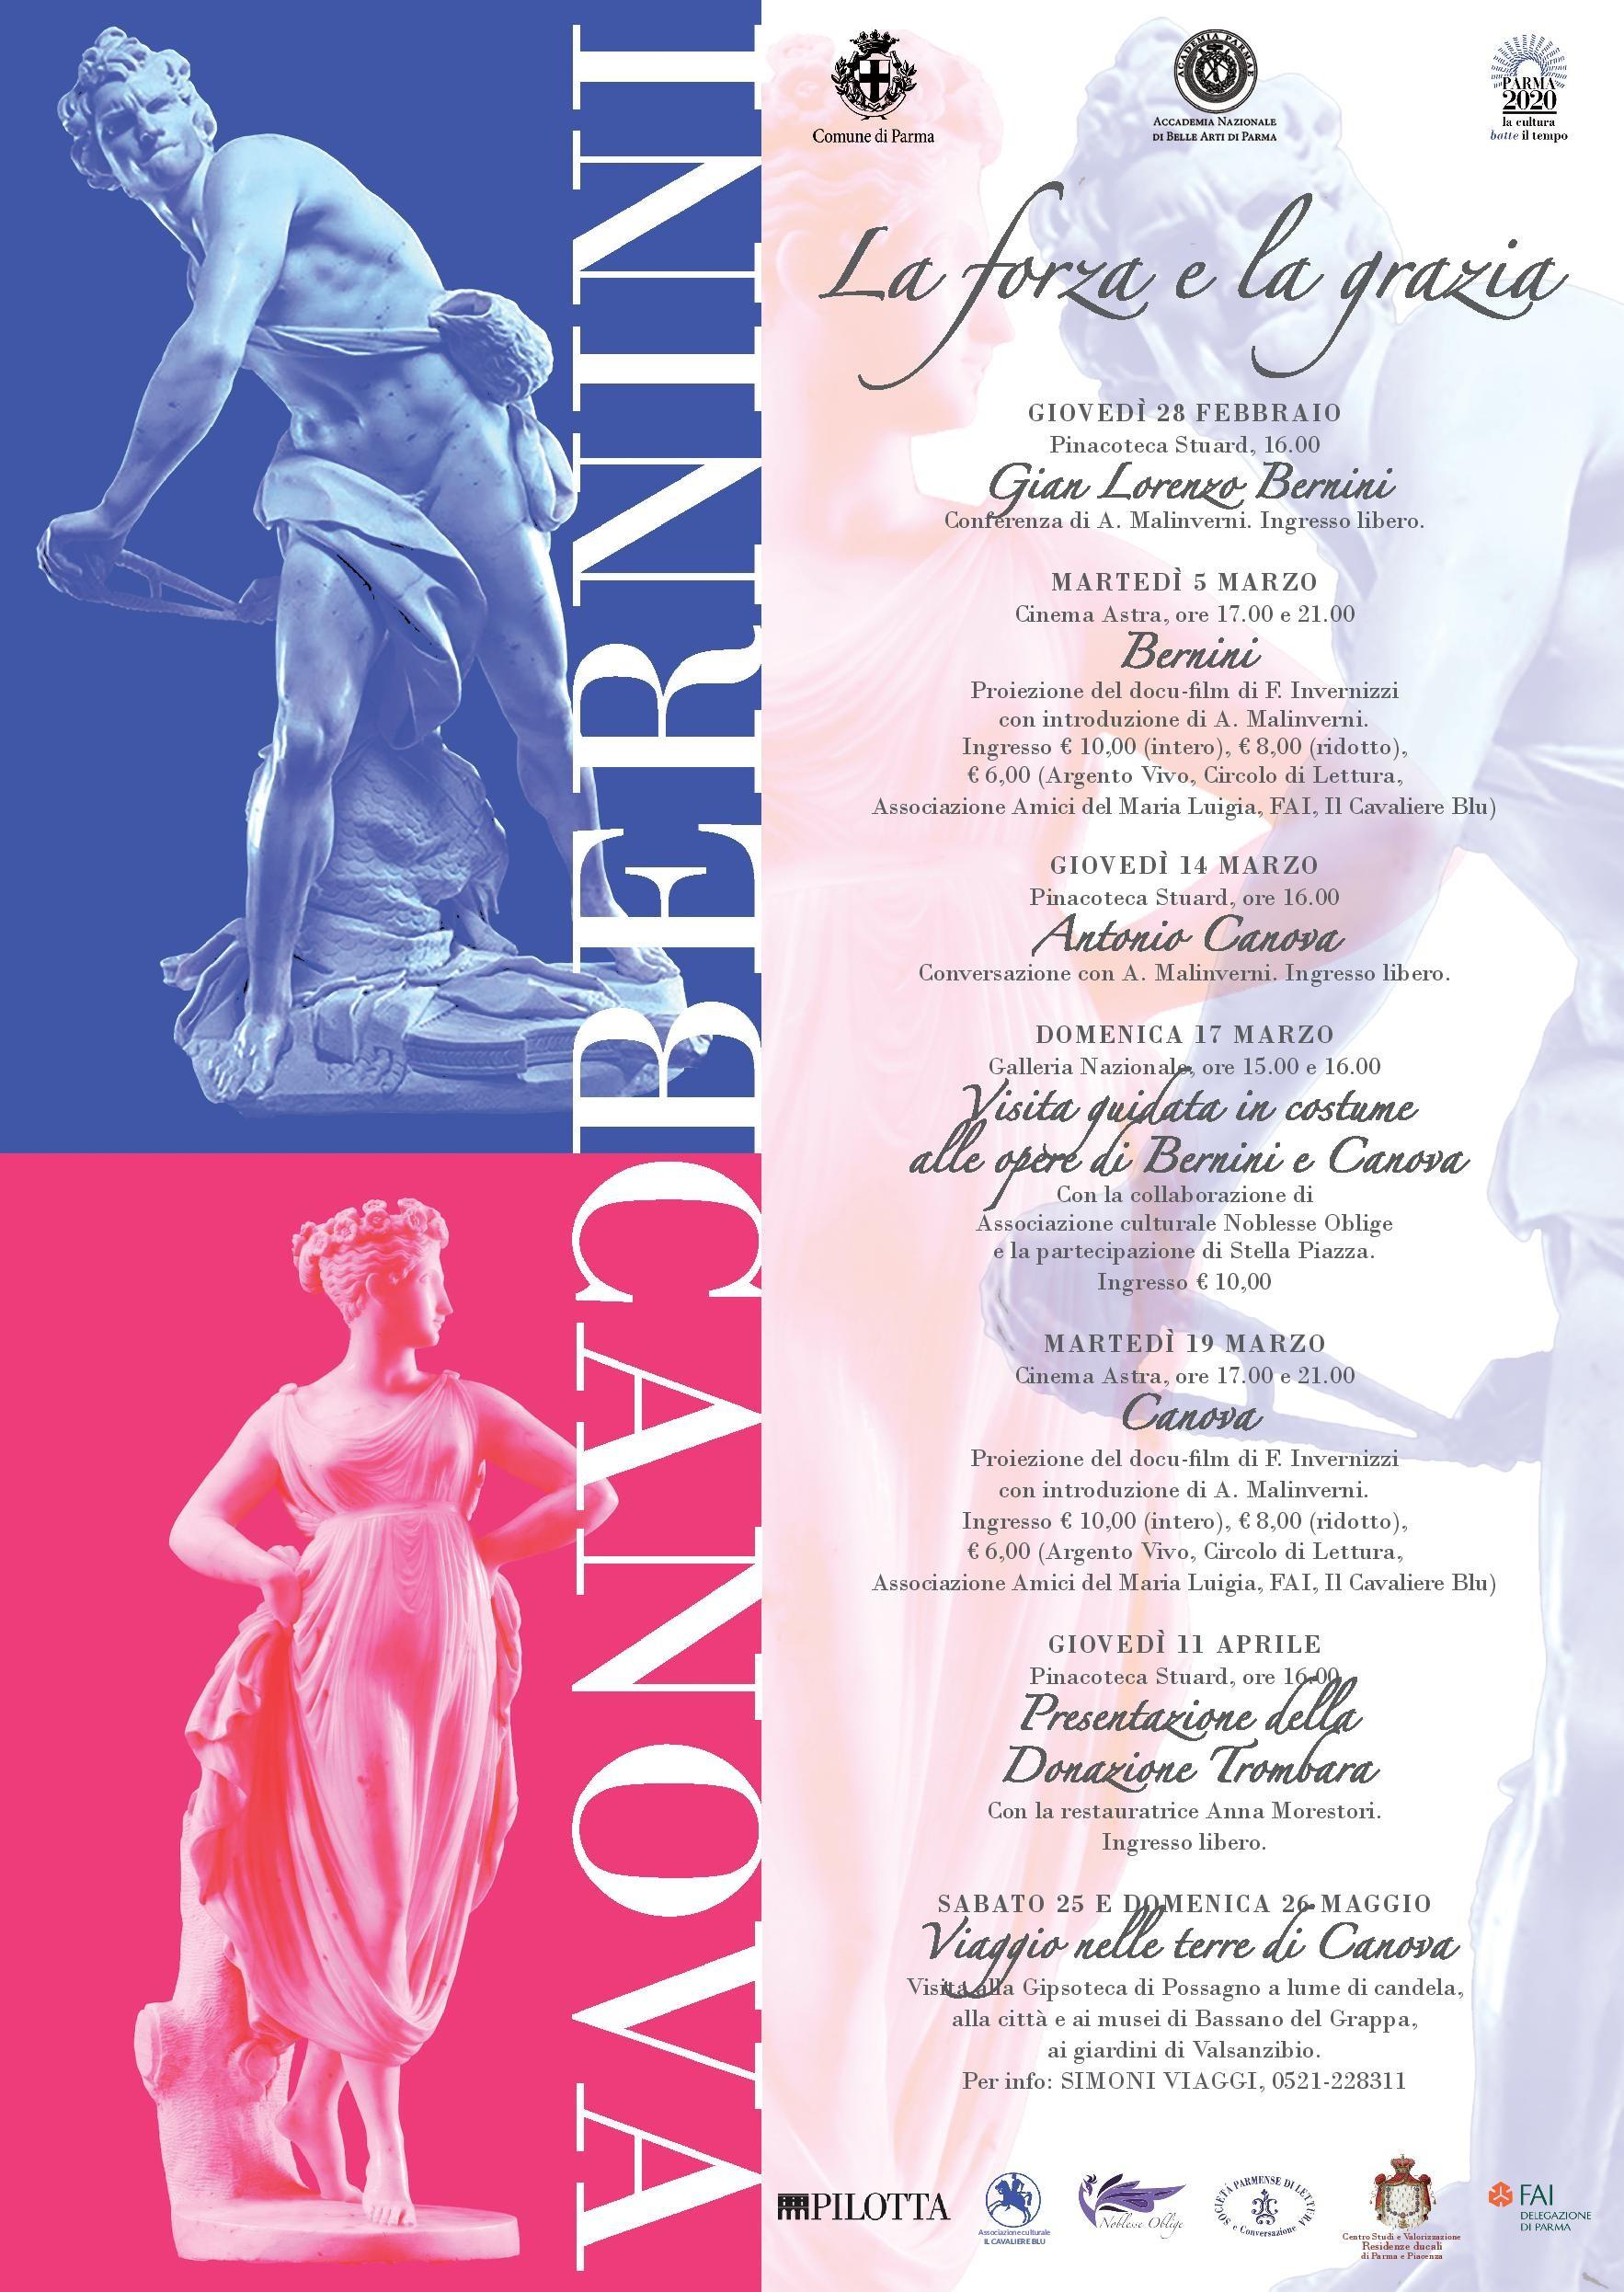 La forza e la grazia: Gian Lorenzo Bernini e Antonio Canova;  proiezioni, conferenze e visite guidate.